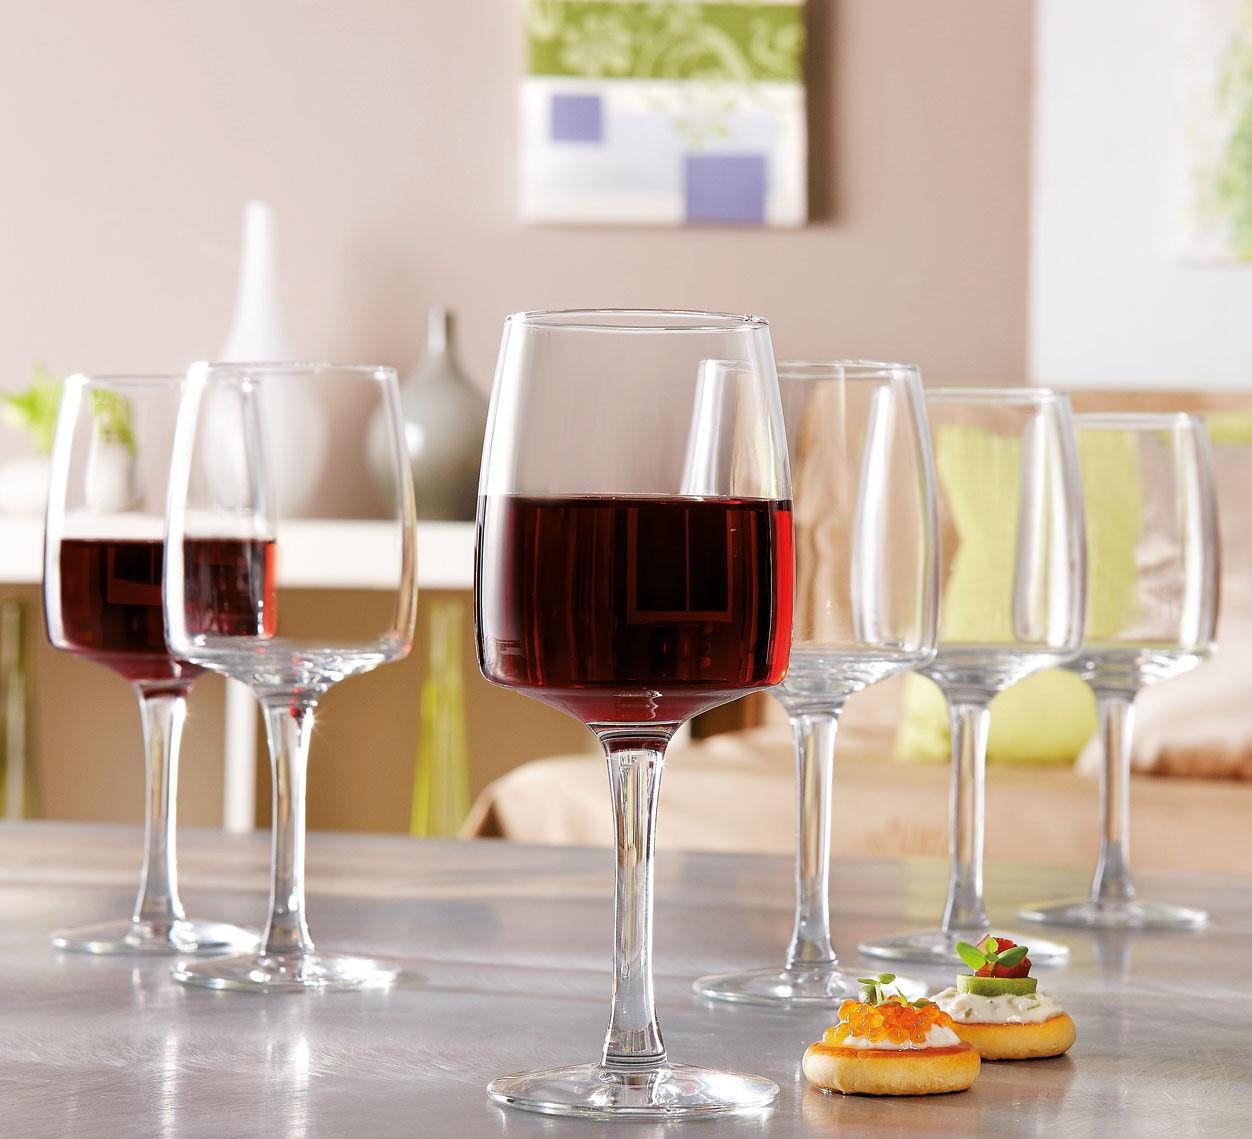 Набор фужеров для вина Luminarc Equip Home 240 мл. (6 штук)